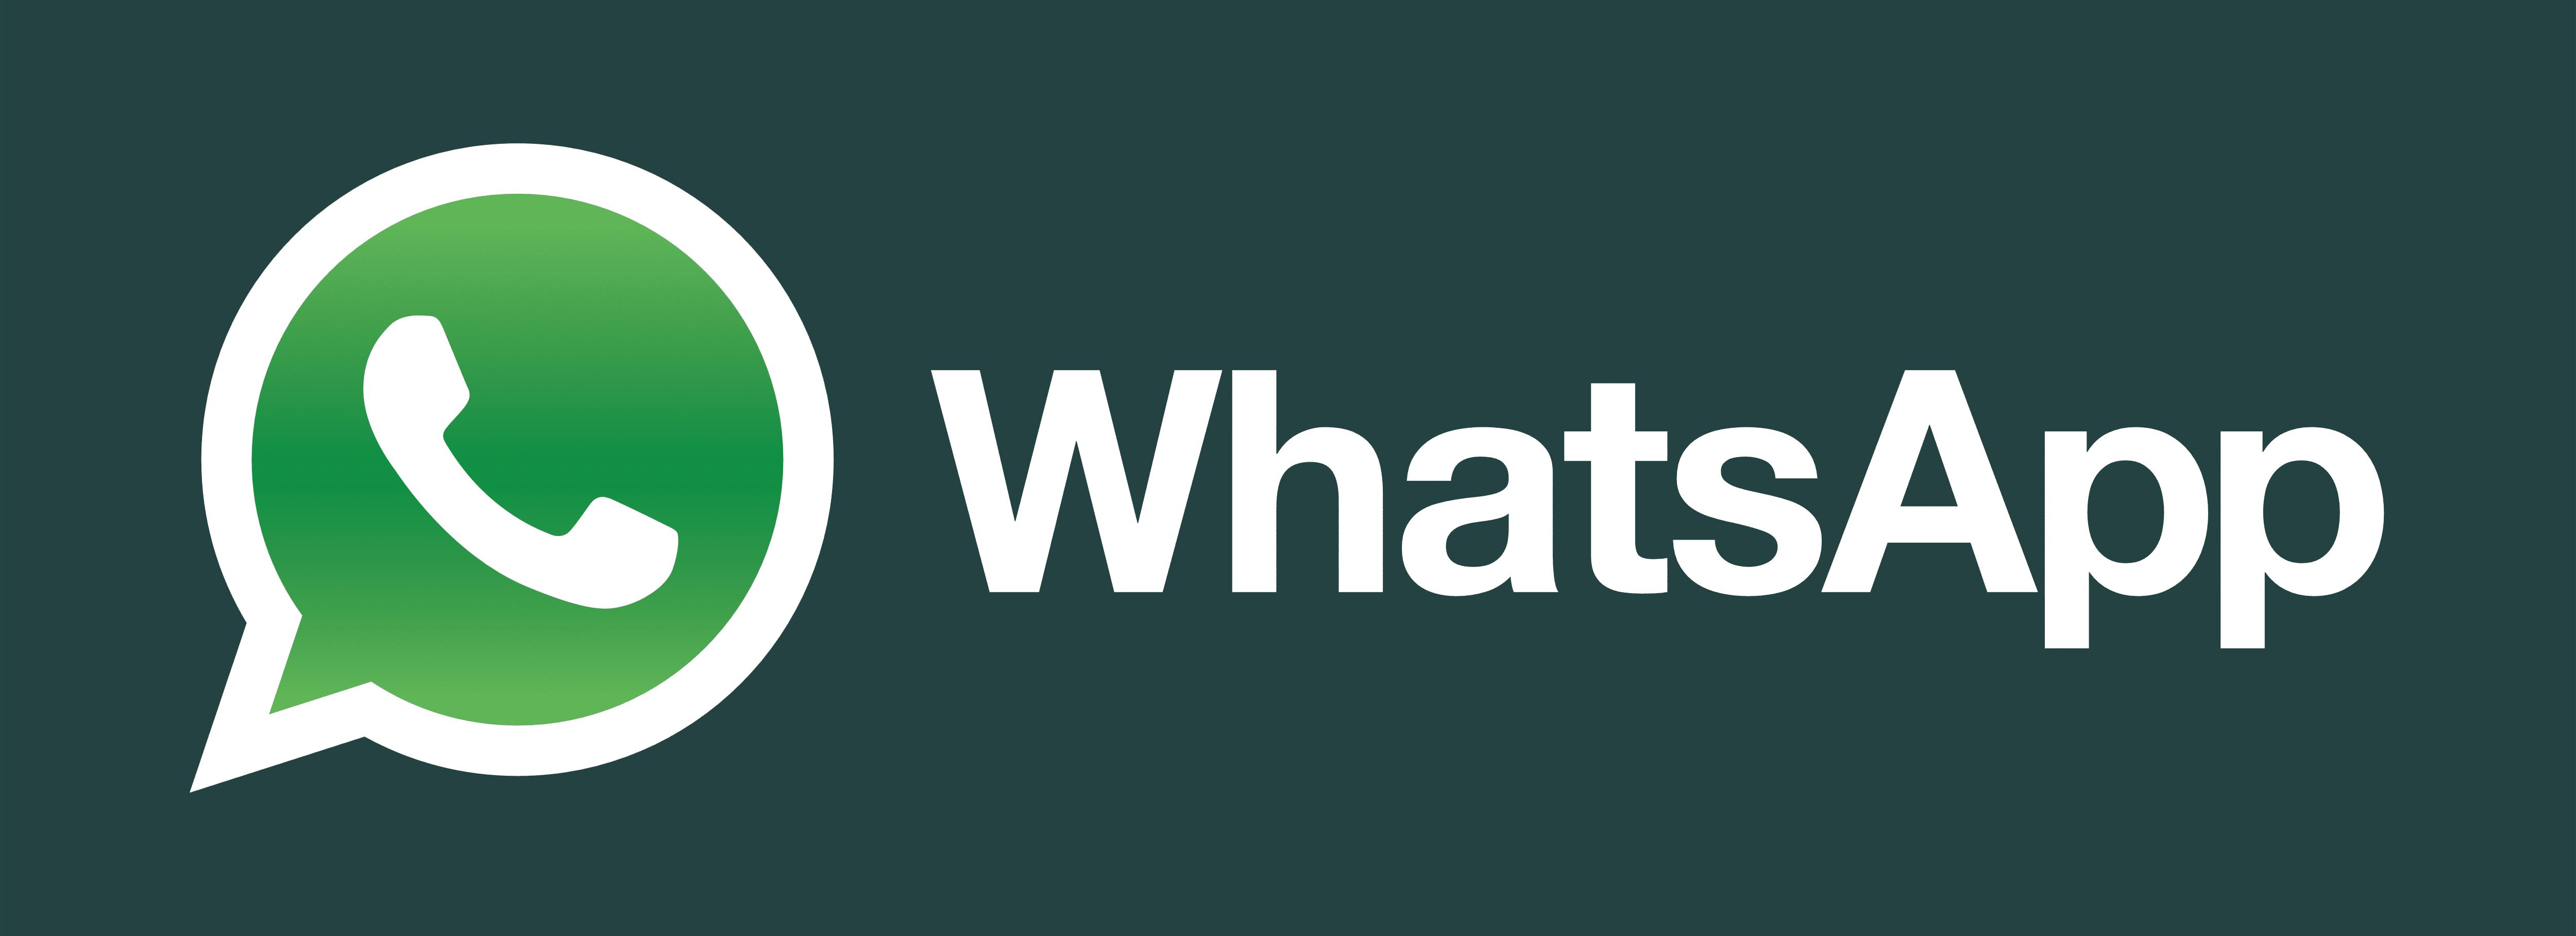 WhatsApp logo - Marques et logos: histoire et signification | PNG